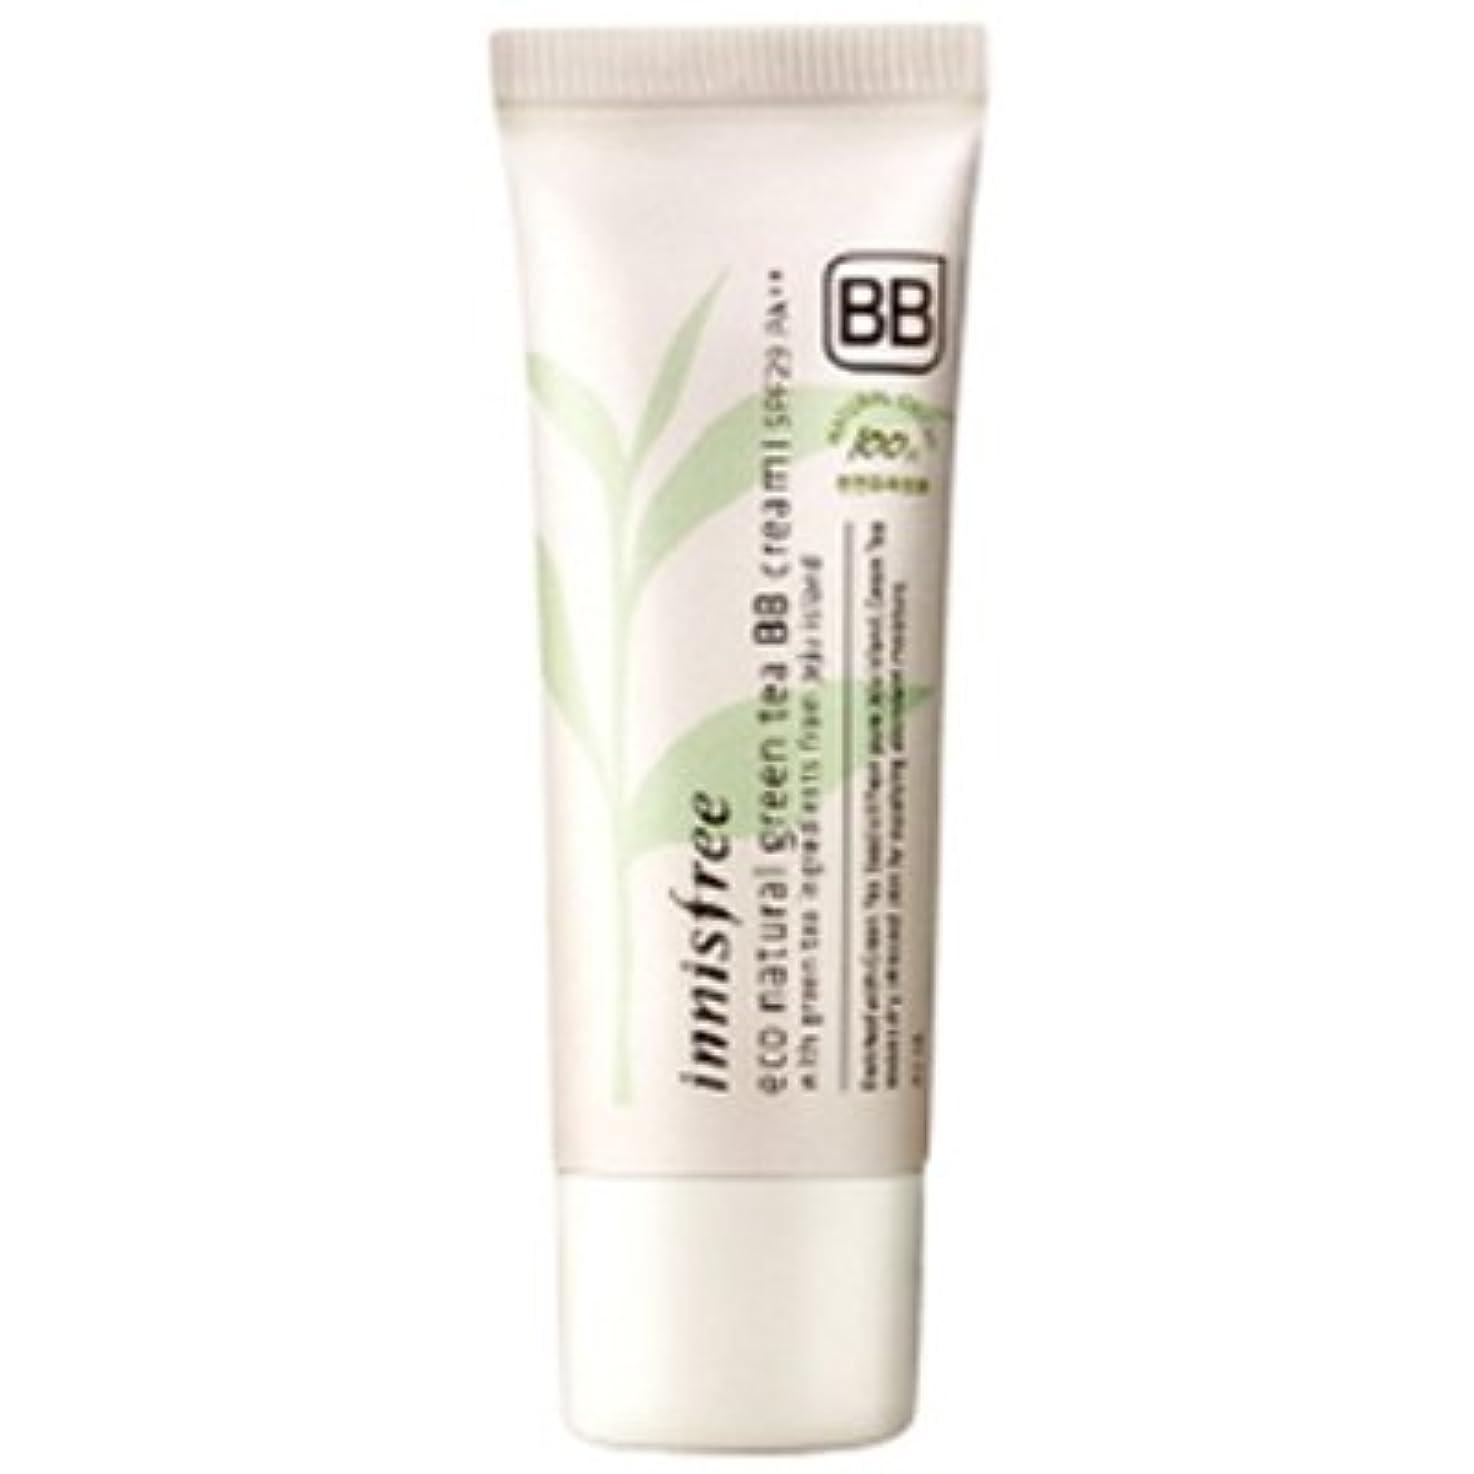 菊百万村innisfree(イニスフリー) Eco natural green tea BB cream エコ ナチュラル グリーン ティー BB クリーム SPF29/PA++ 40ml #1:ライトベージュ